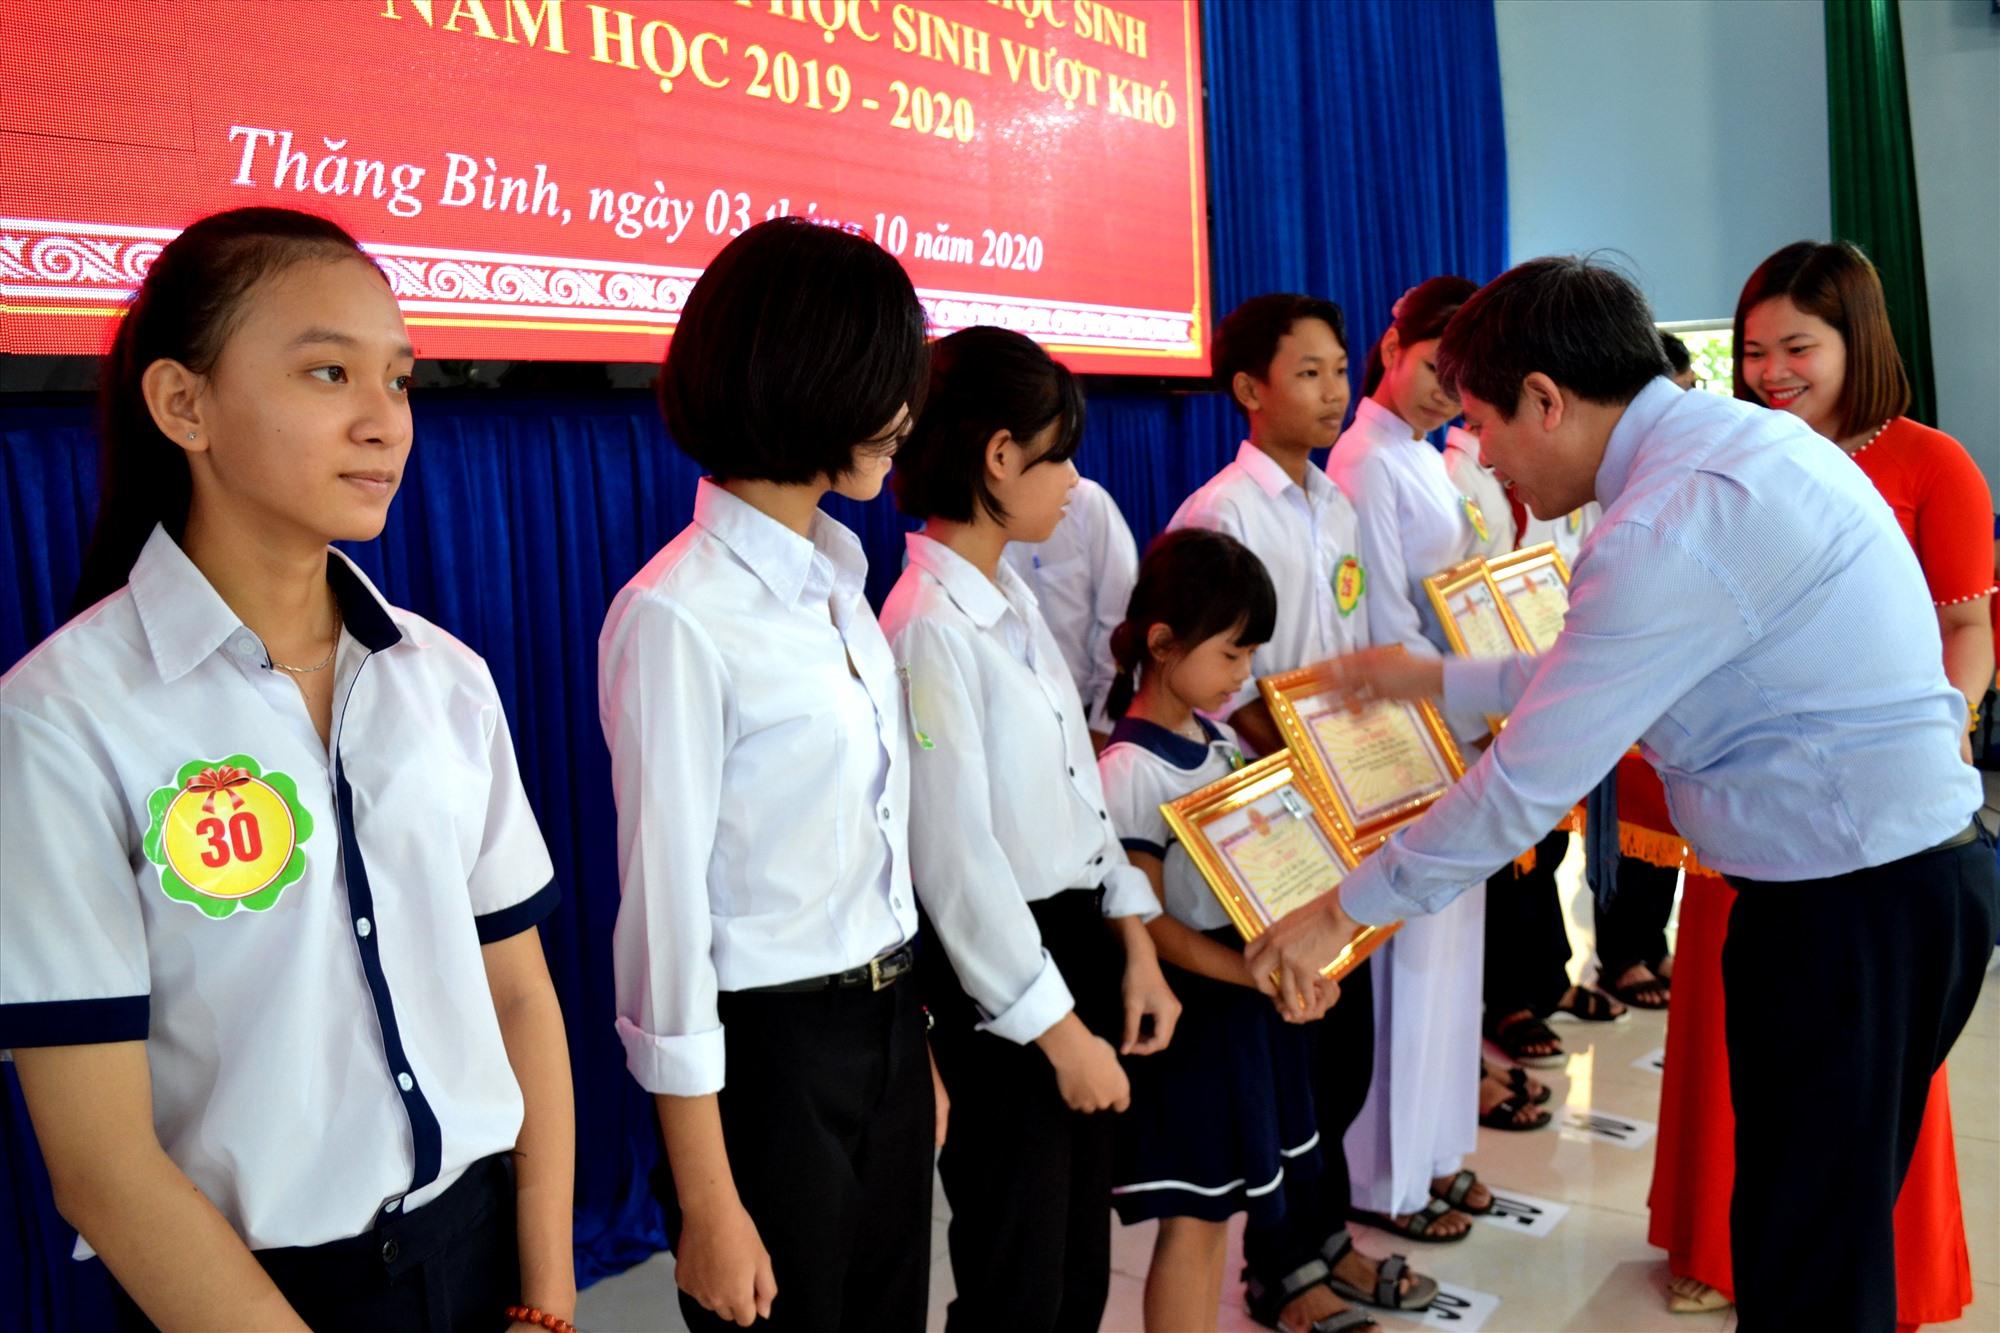 Ông Võ Văn Hùng - Chủ tịch UBND huyện Thăng Bình biểu dương, khen thưởng học sinh đoạt giải tại các cuộc thi cấp quốc gia, tỉnh, huyện trong năm học 2019 - 2020. Ảnh: VIỆT NGUYỄN